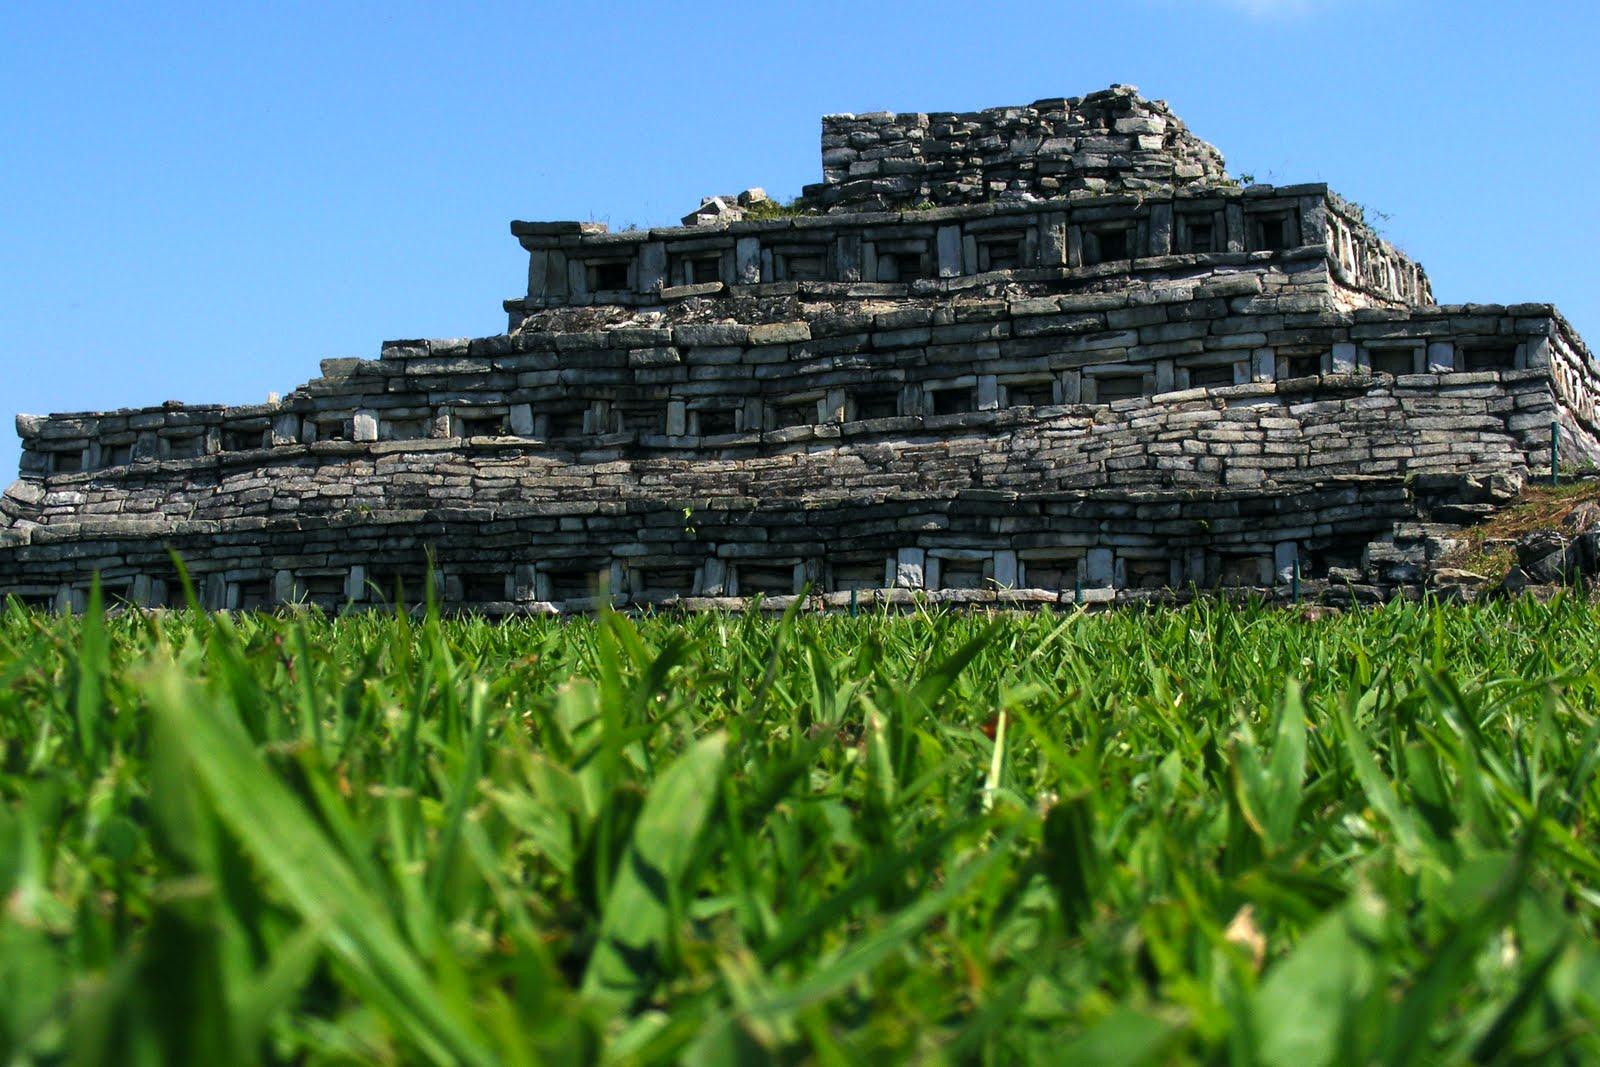 zona Arqueológica de Yohualichan puebla